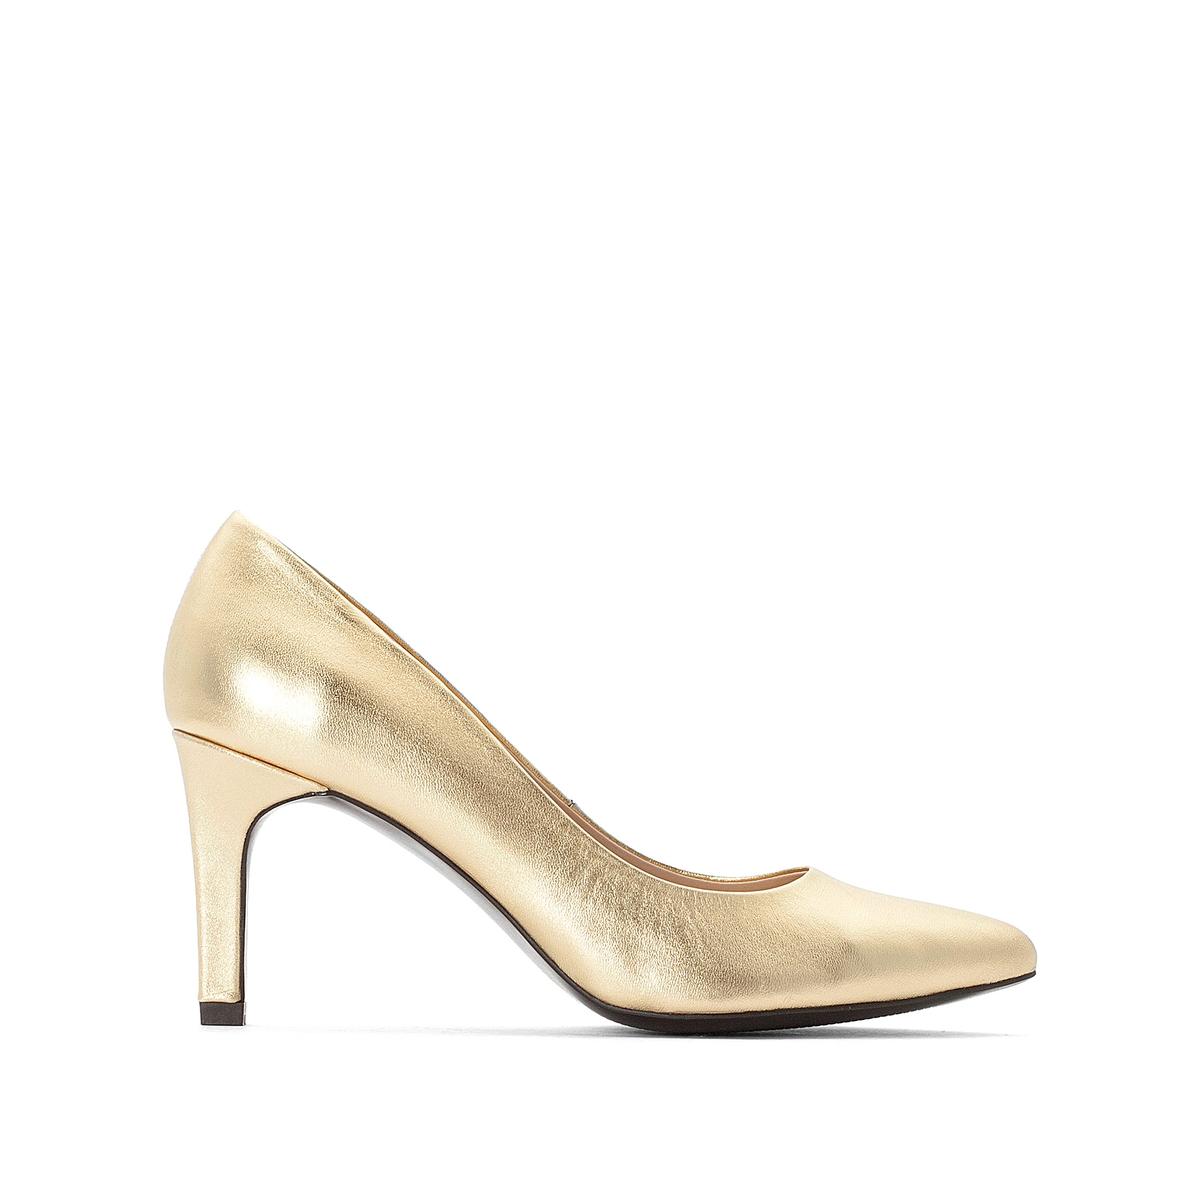 Туфли La Redoute Кожаные на высоком каблуке 36 золотистый ботильоны челси la redoute кожаные на высоком каблуке 36 черный